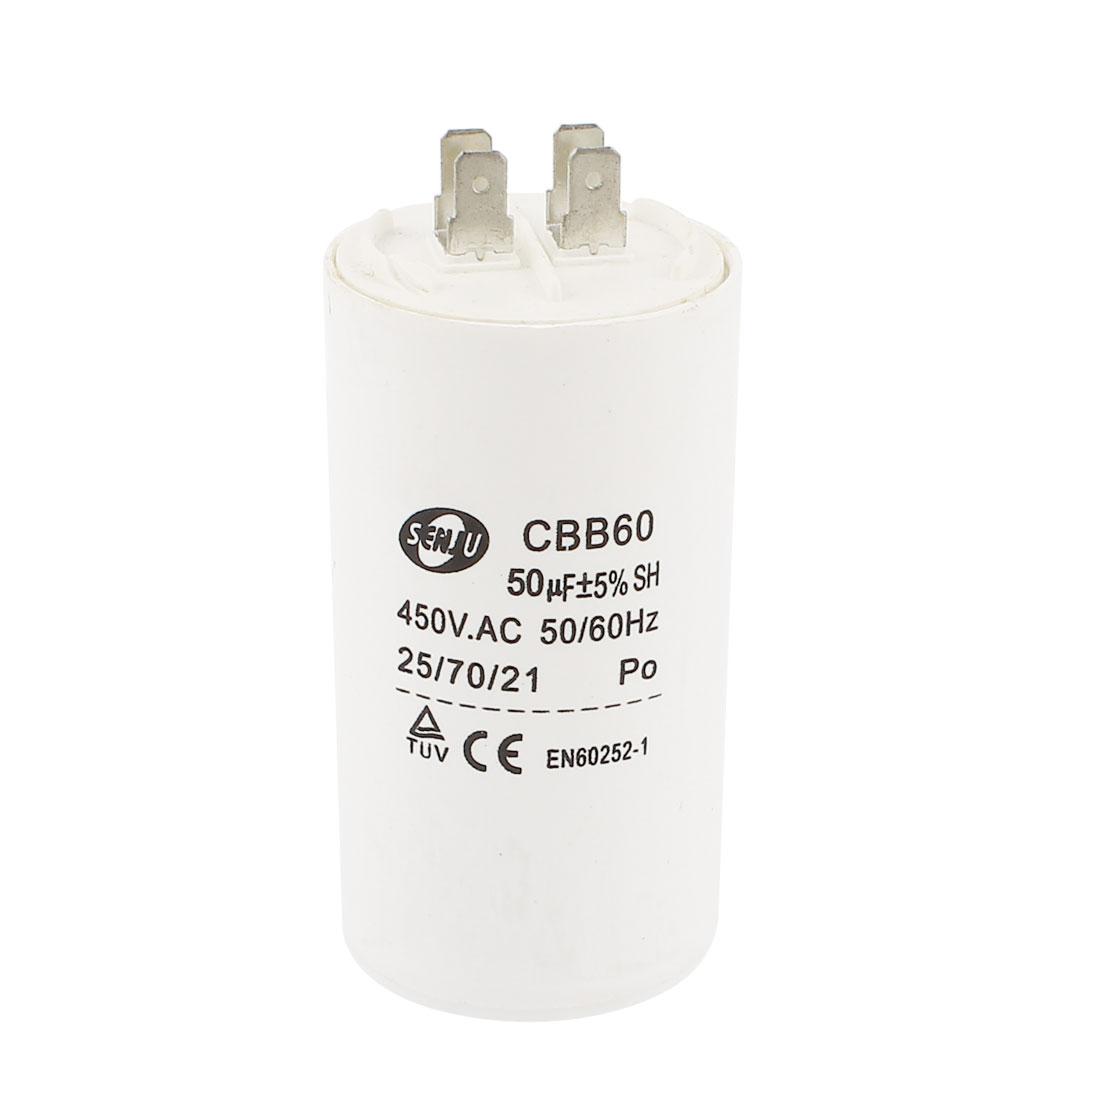 Washing Machine CBB60 Nonpolar Motor Running Capacitor AC 450V 50uF 50/60Hz